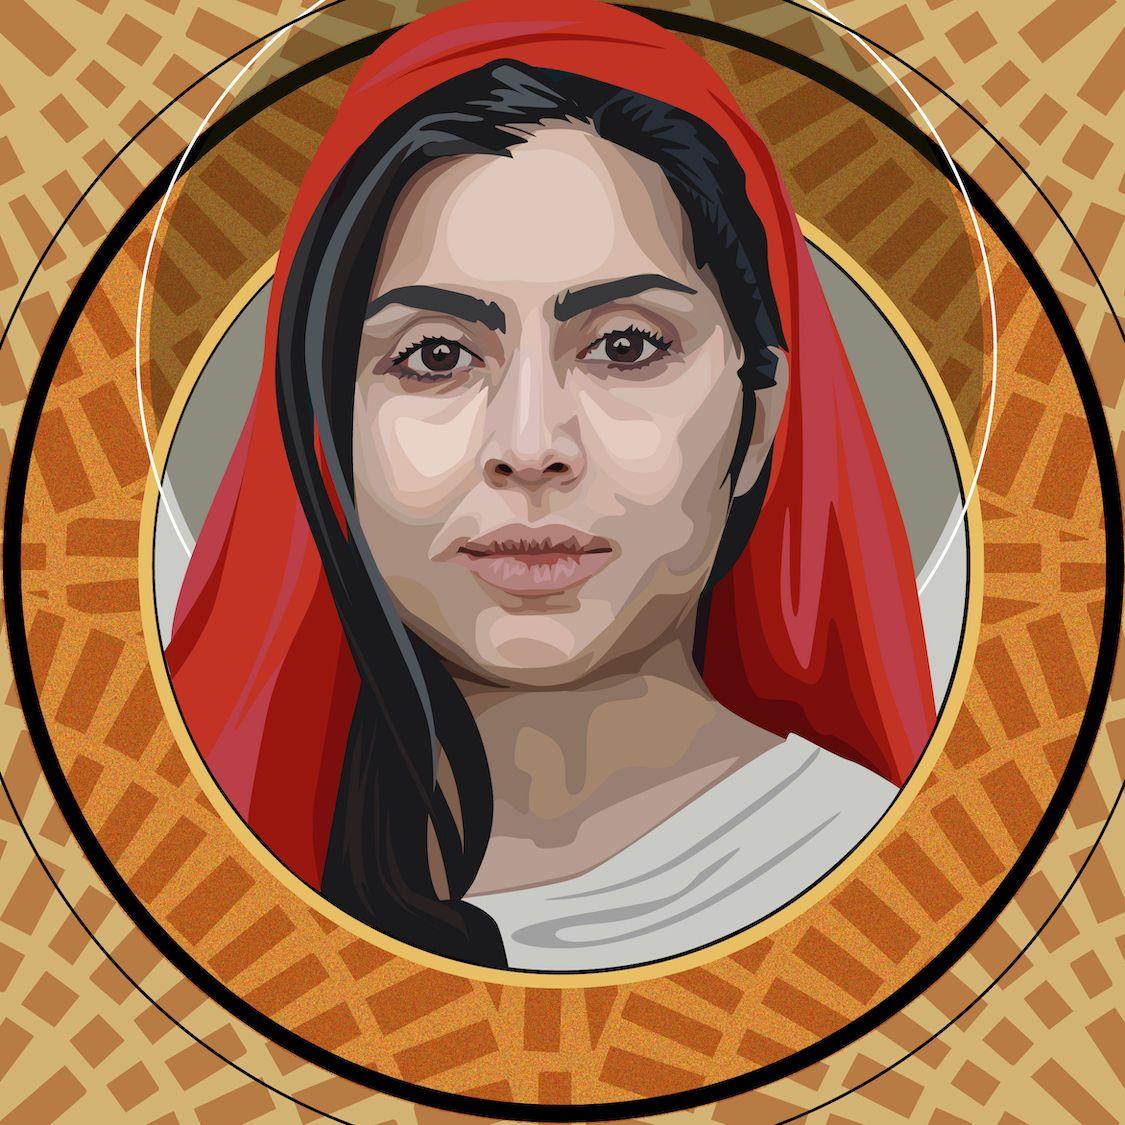 Joanna the Apostle